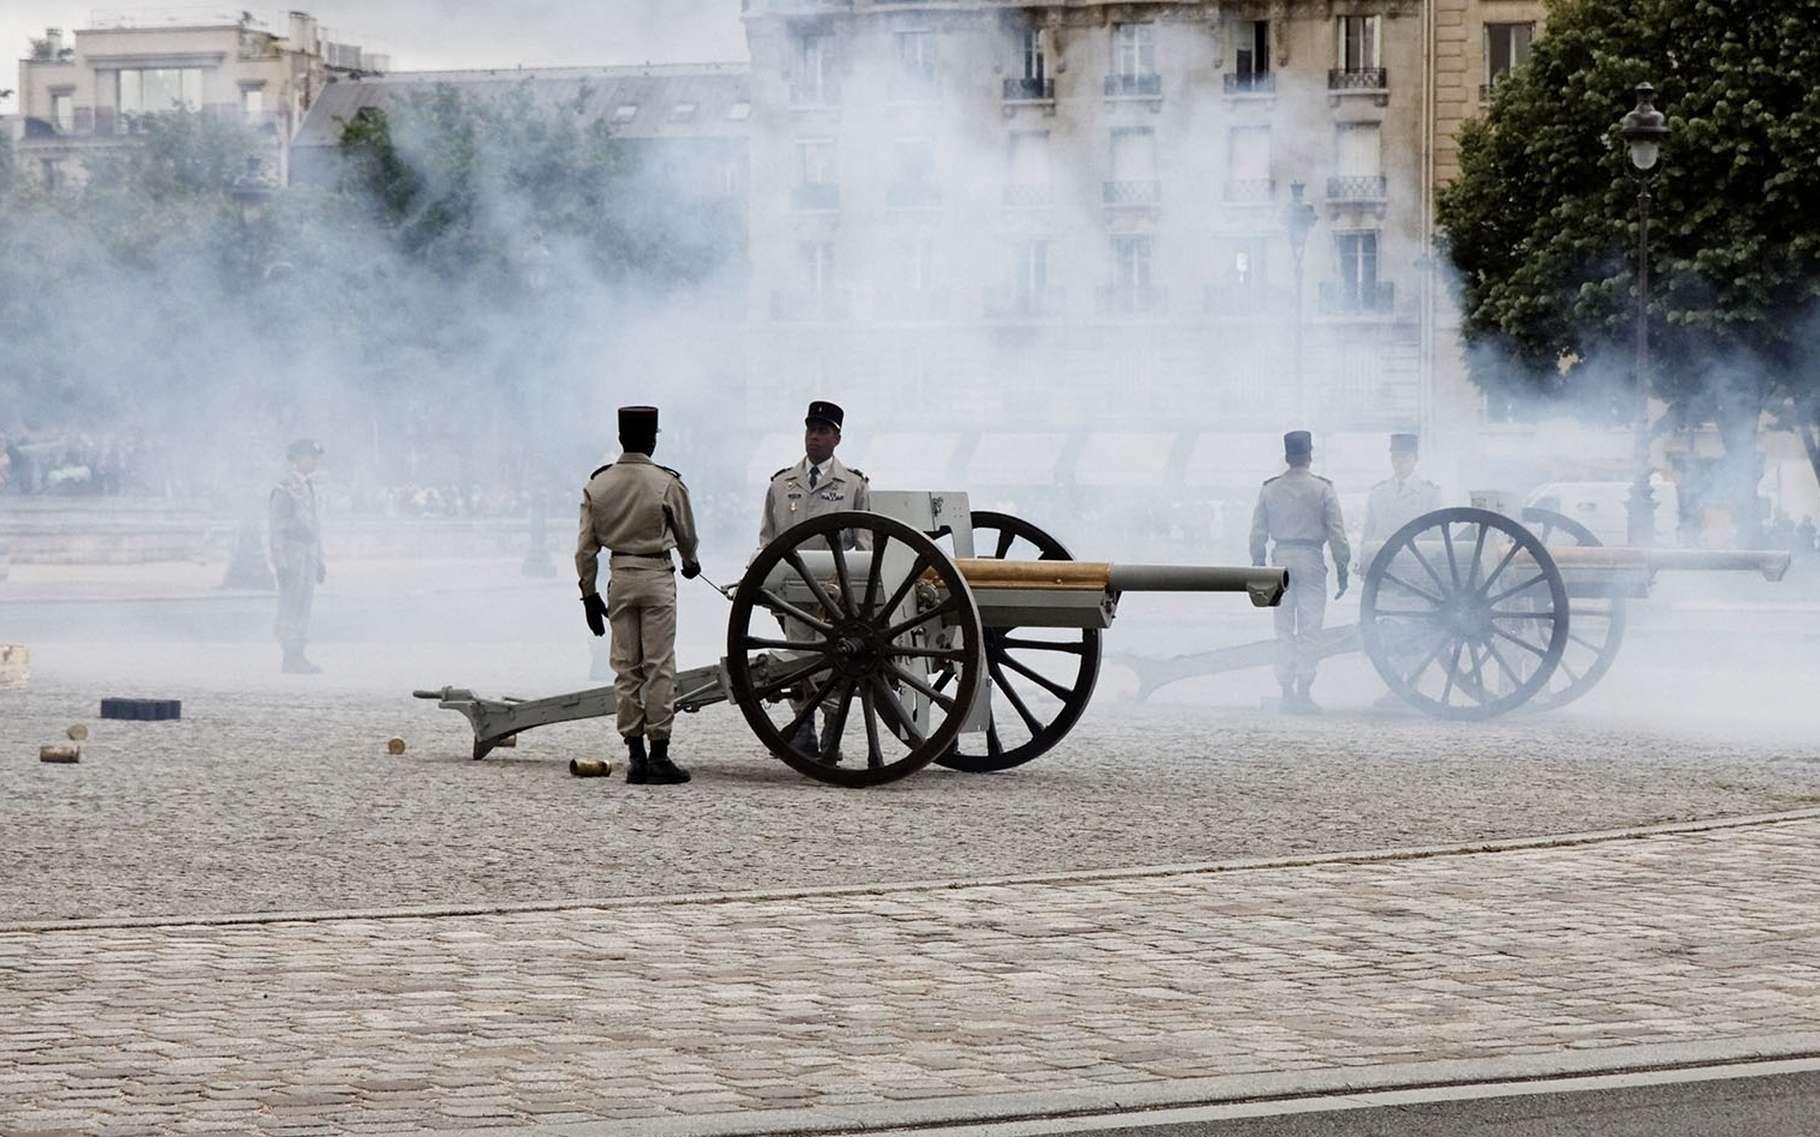 La batterie d'honneur de l'artillerie installée sur l'esplanade des Invalides en train de tirer la salve de 21 coups de canon en honneur du nouveau président de la République française. © Thesupermat, Wikimedia commons, CC 3.0